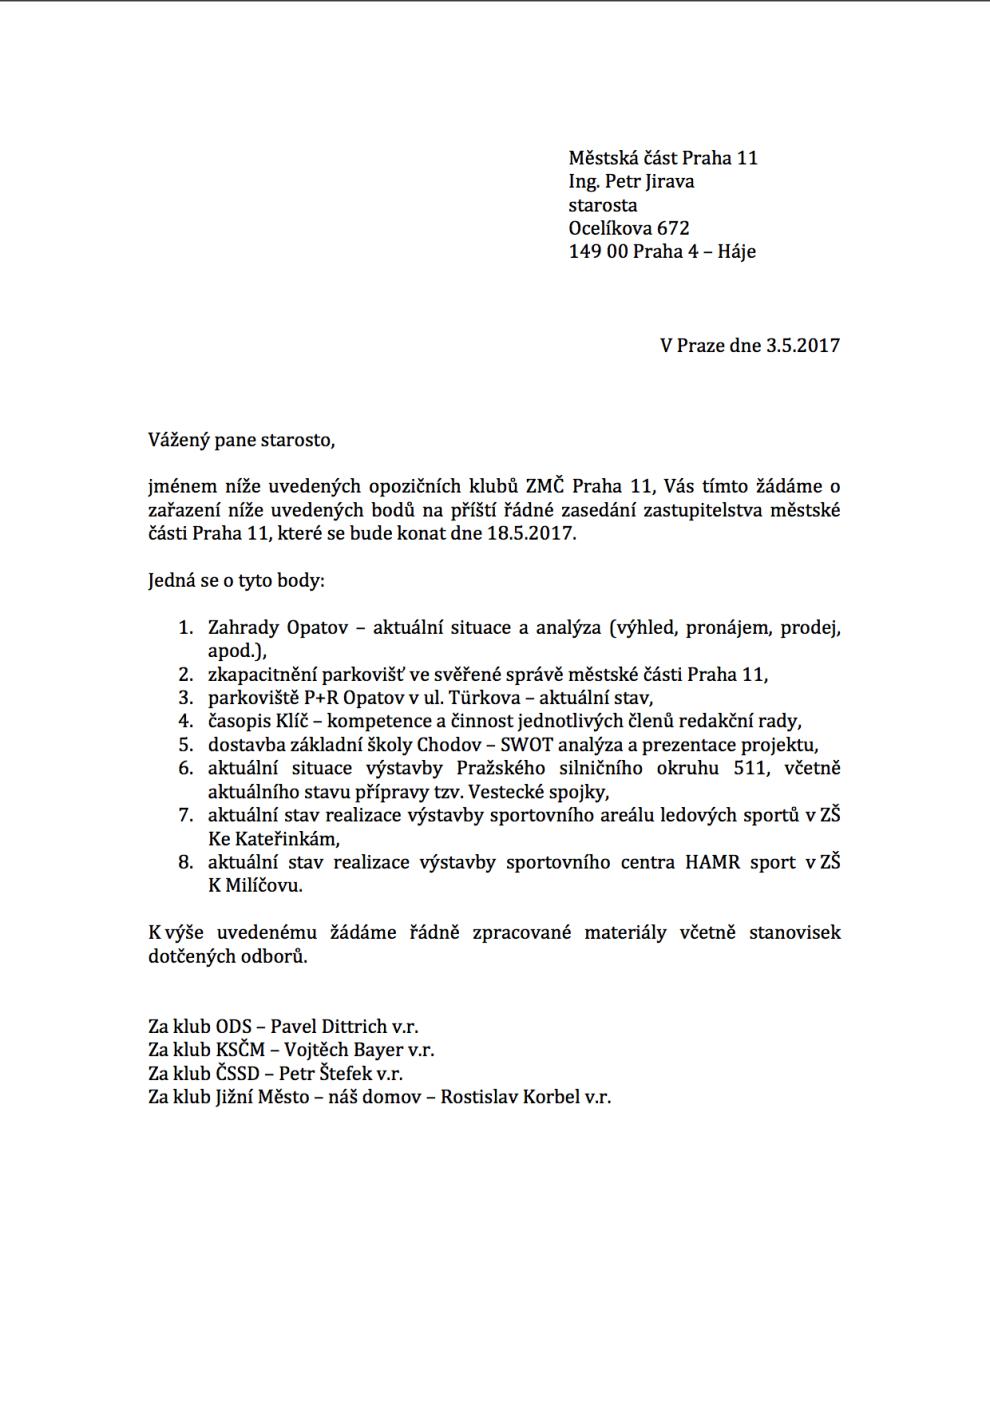 Žádost klubů ODS, ČSSD, JM-ND, KSČM